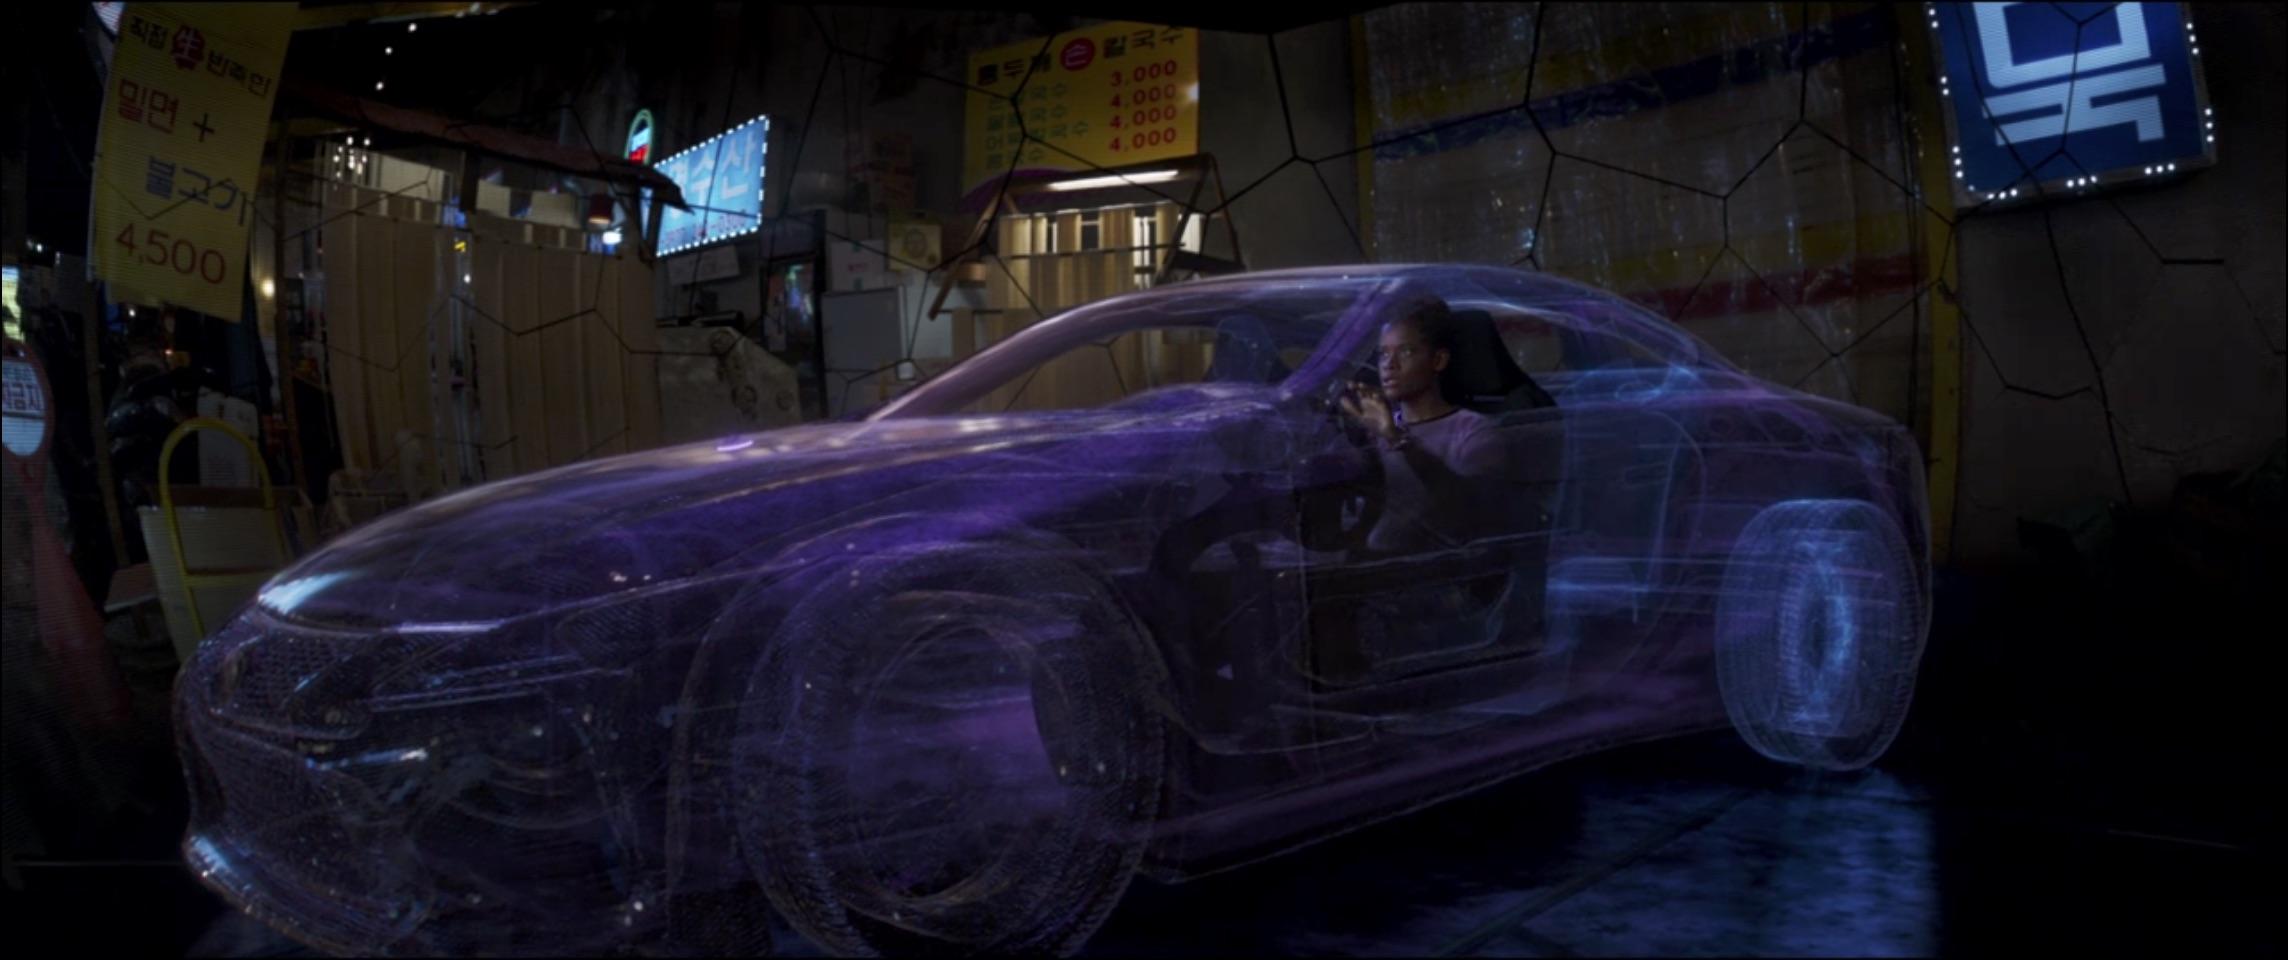 Marvel Black Panther digital car